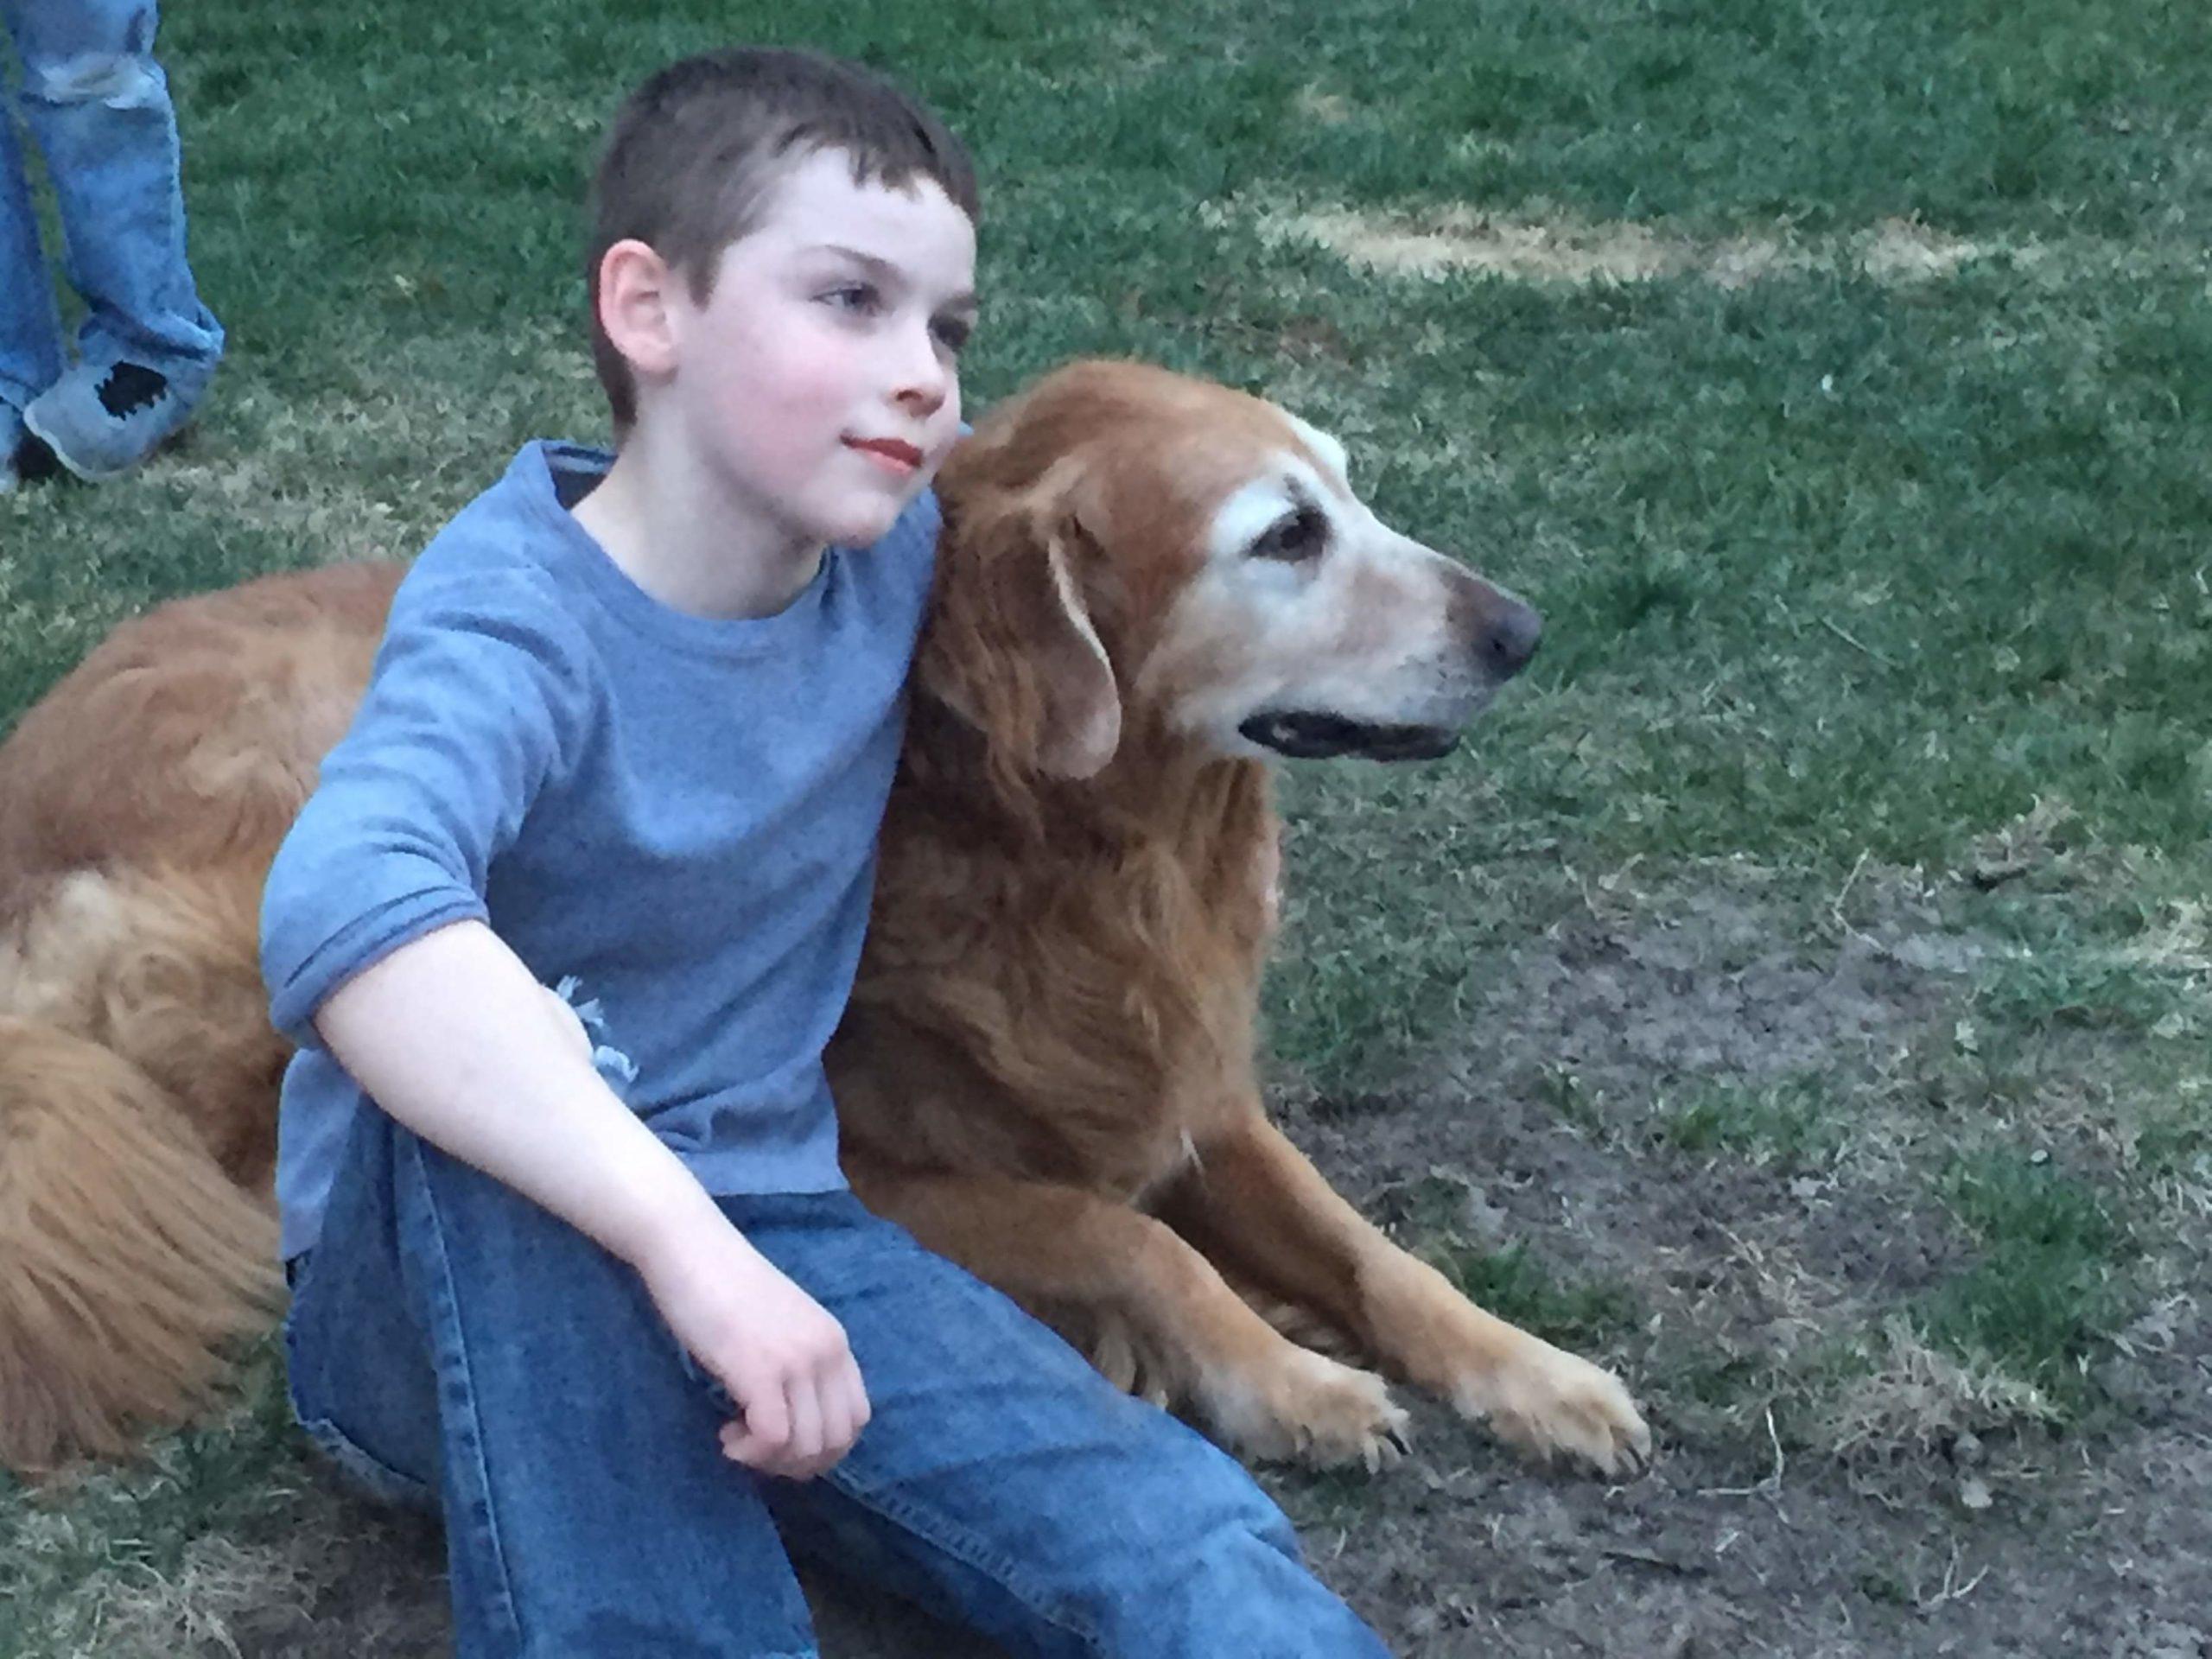 friendliest dog breeds golden retriever and boy